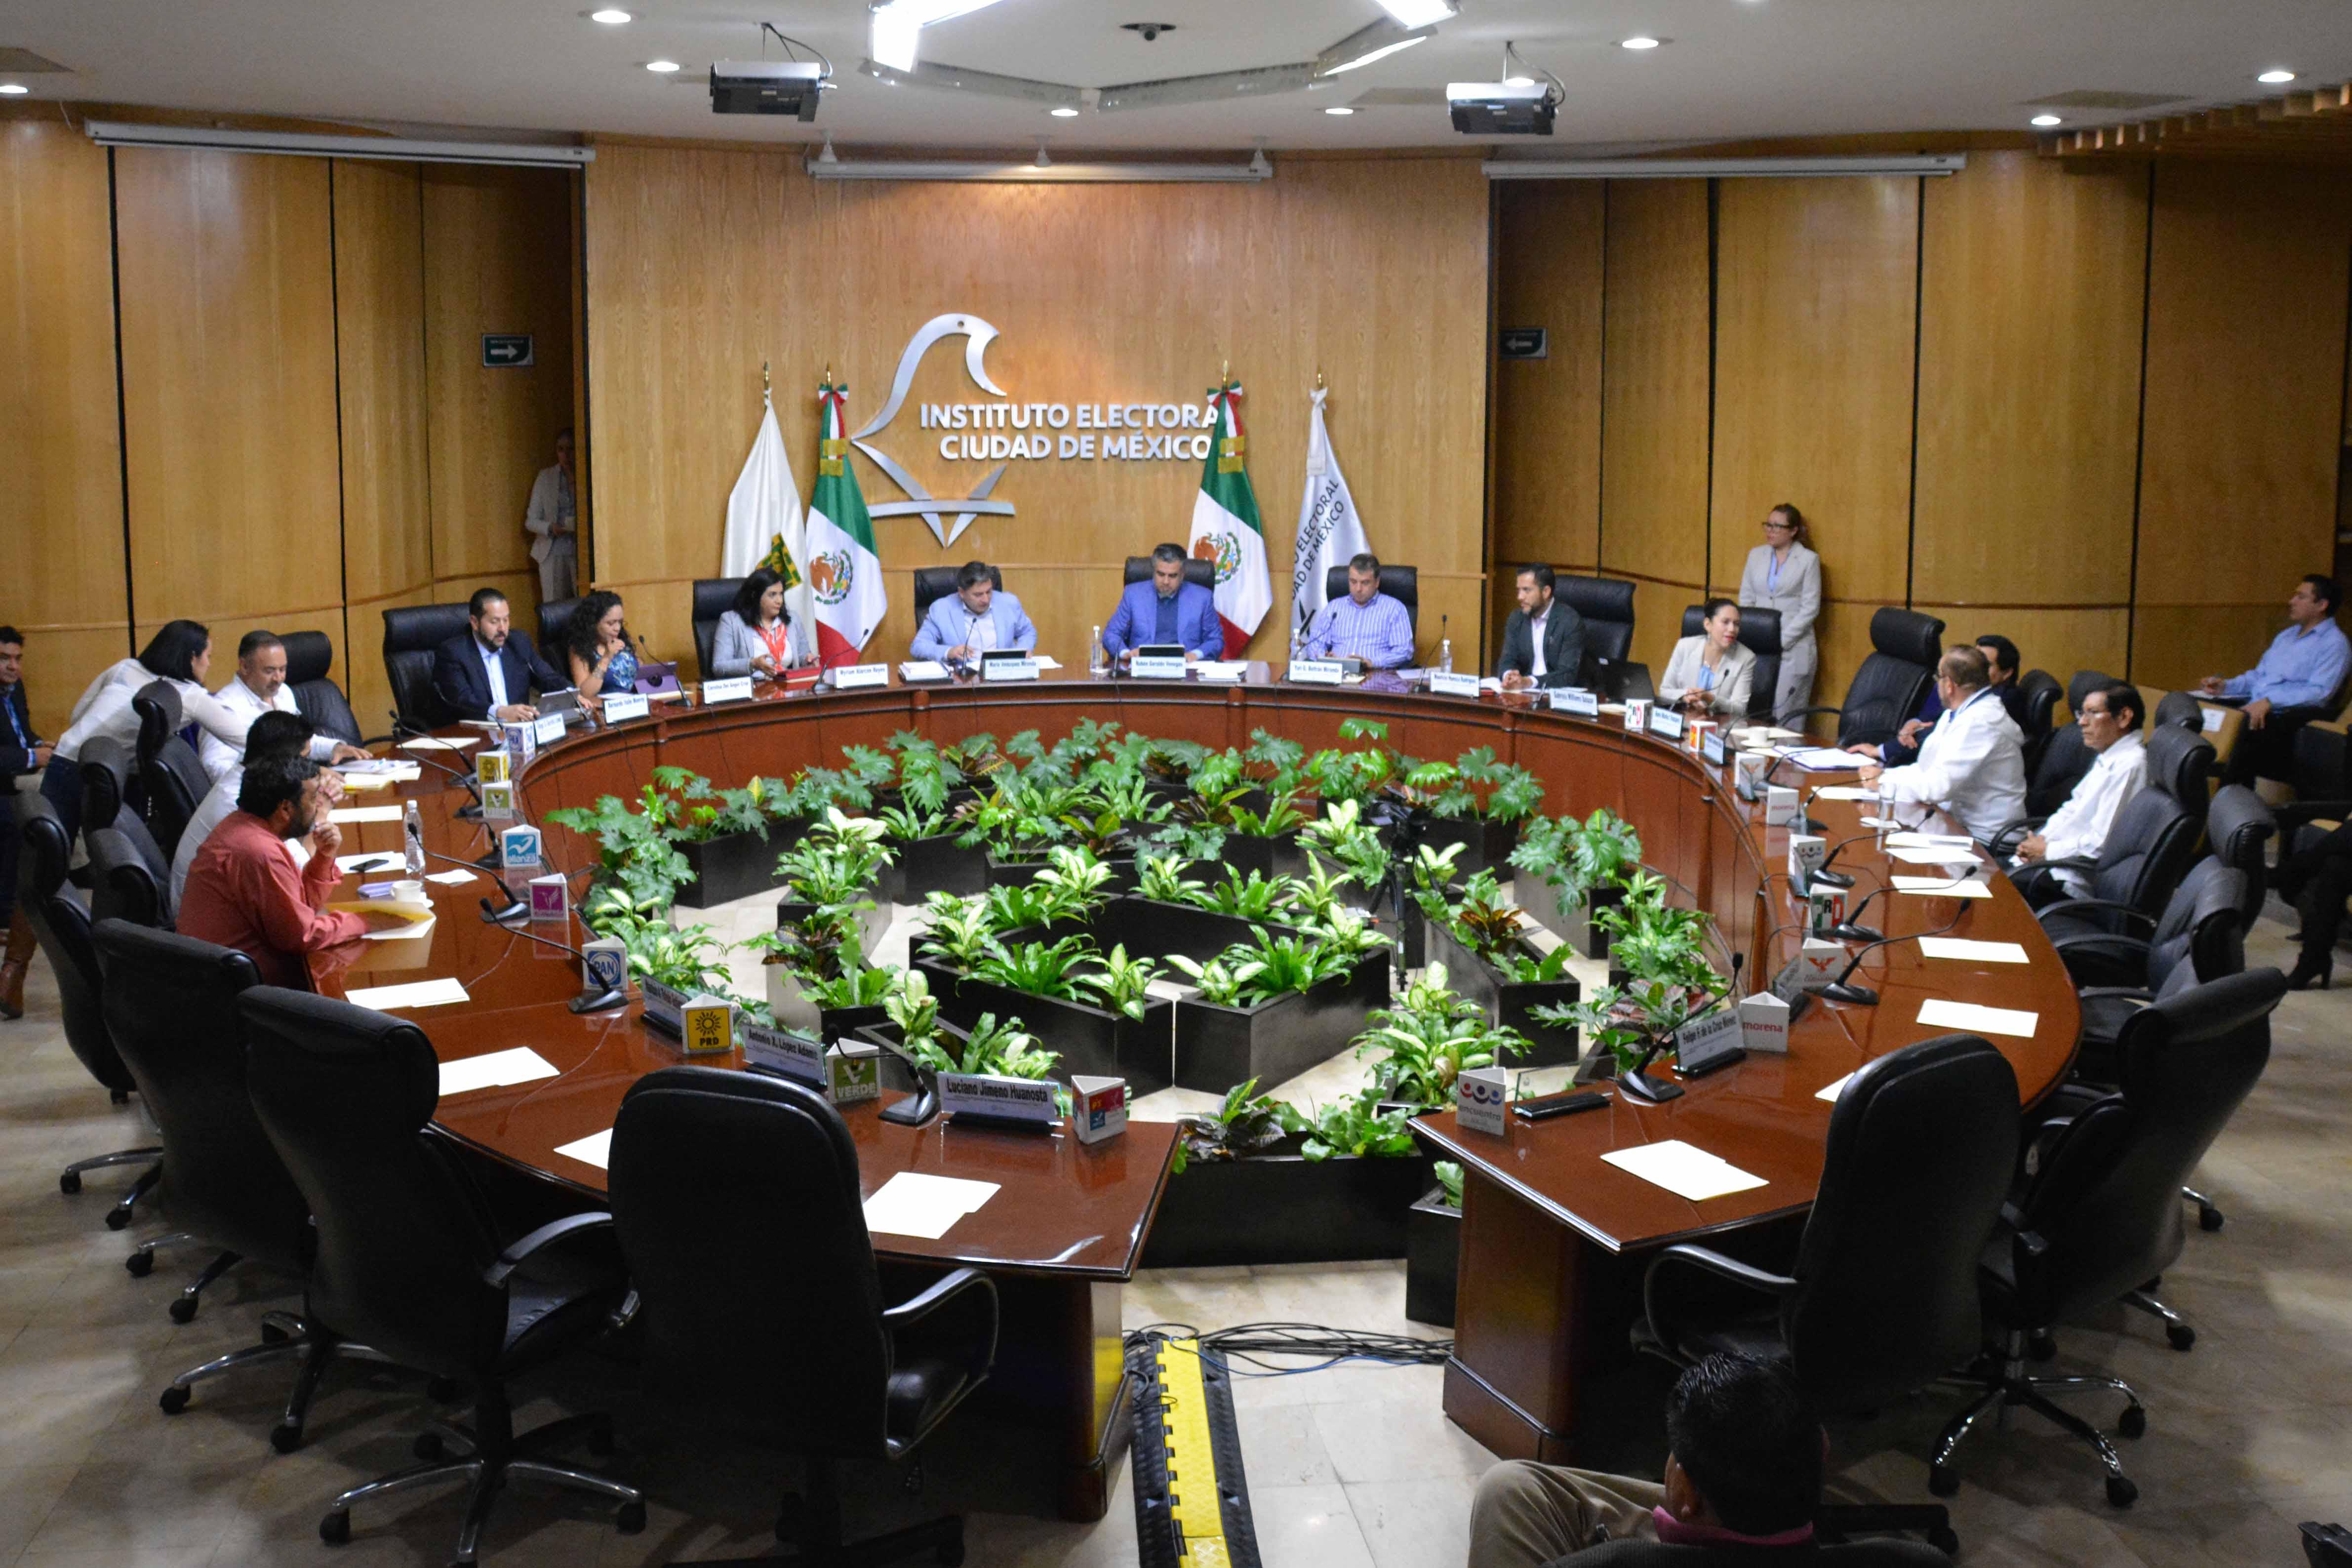 Registra IECM a José Luis Luege Tamargo como aspirante a candidatura sin partido para la Jefatura de Gobierno CDMX